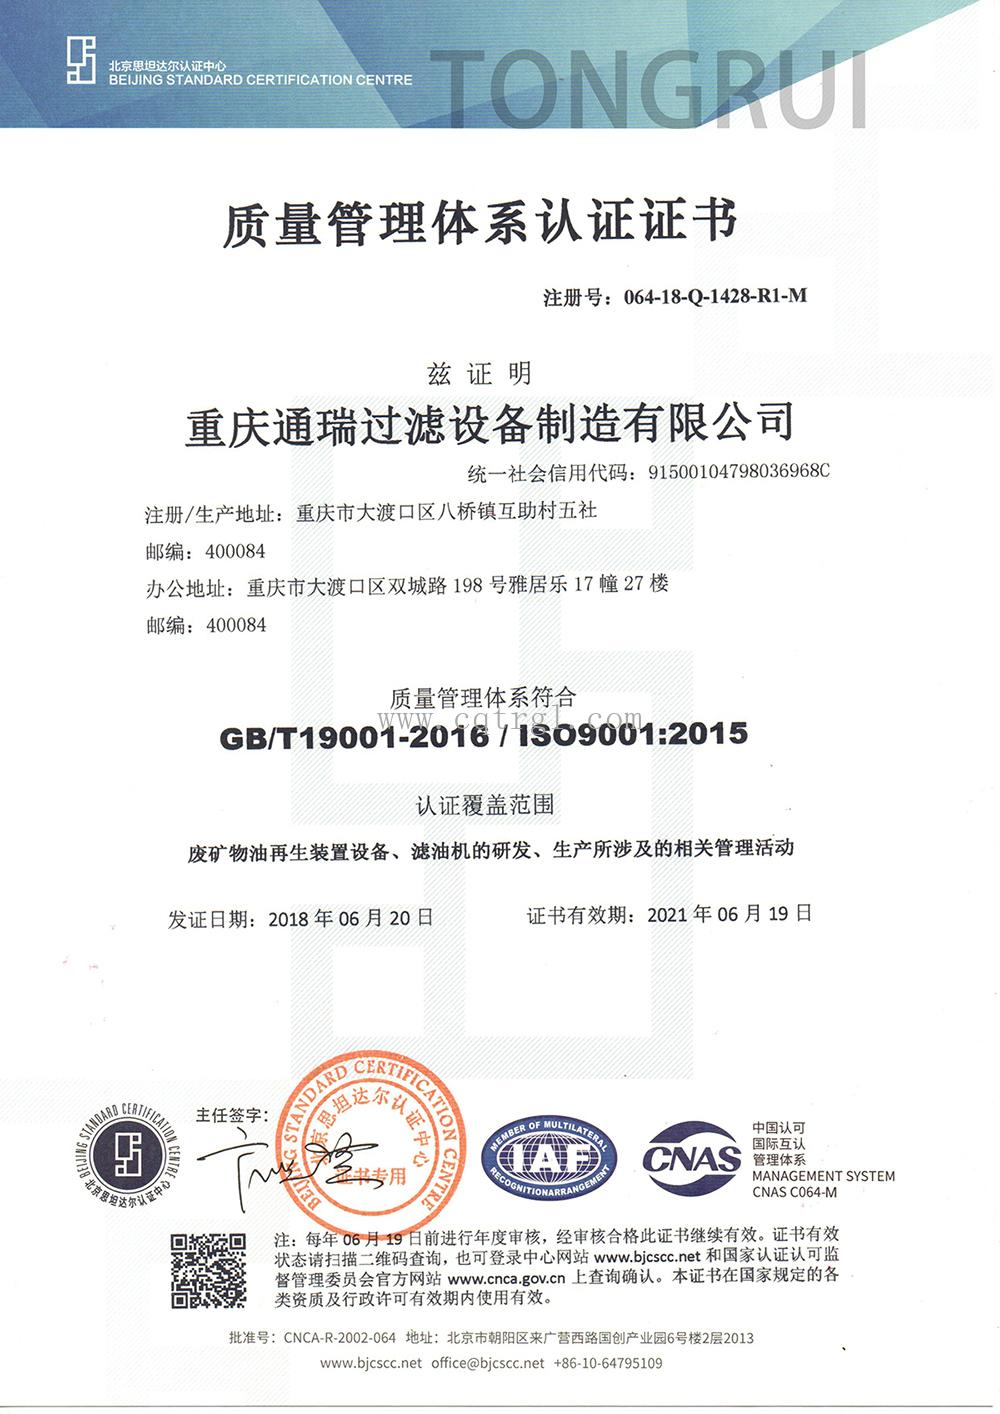 质量管理体系认证证书ISO9001:2015